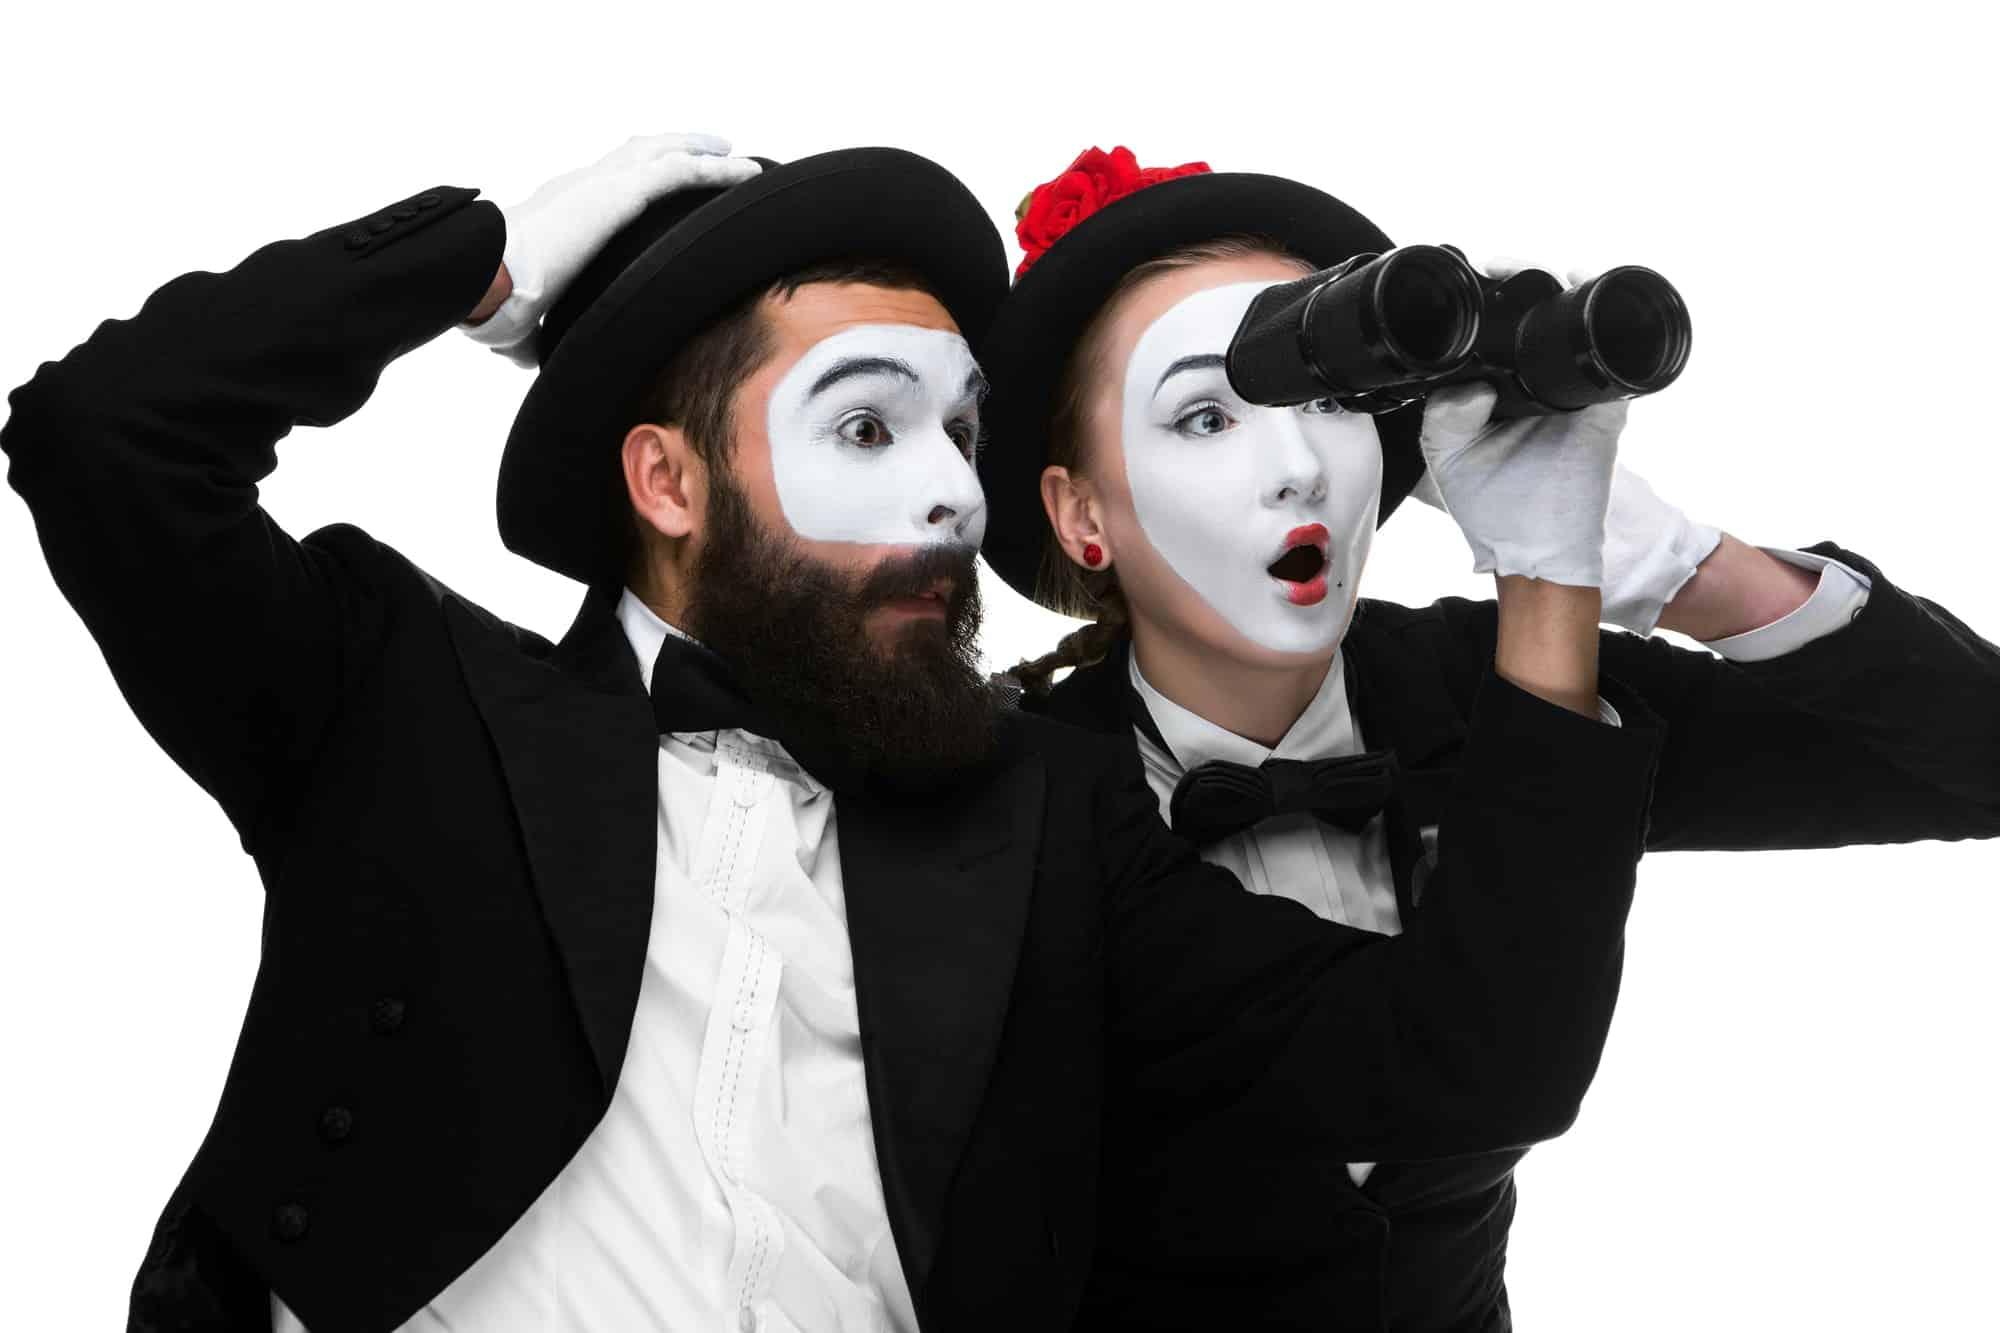 Two memes as business people looking through binoculars